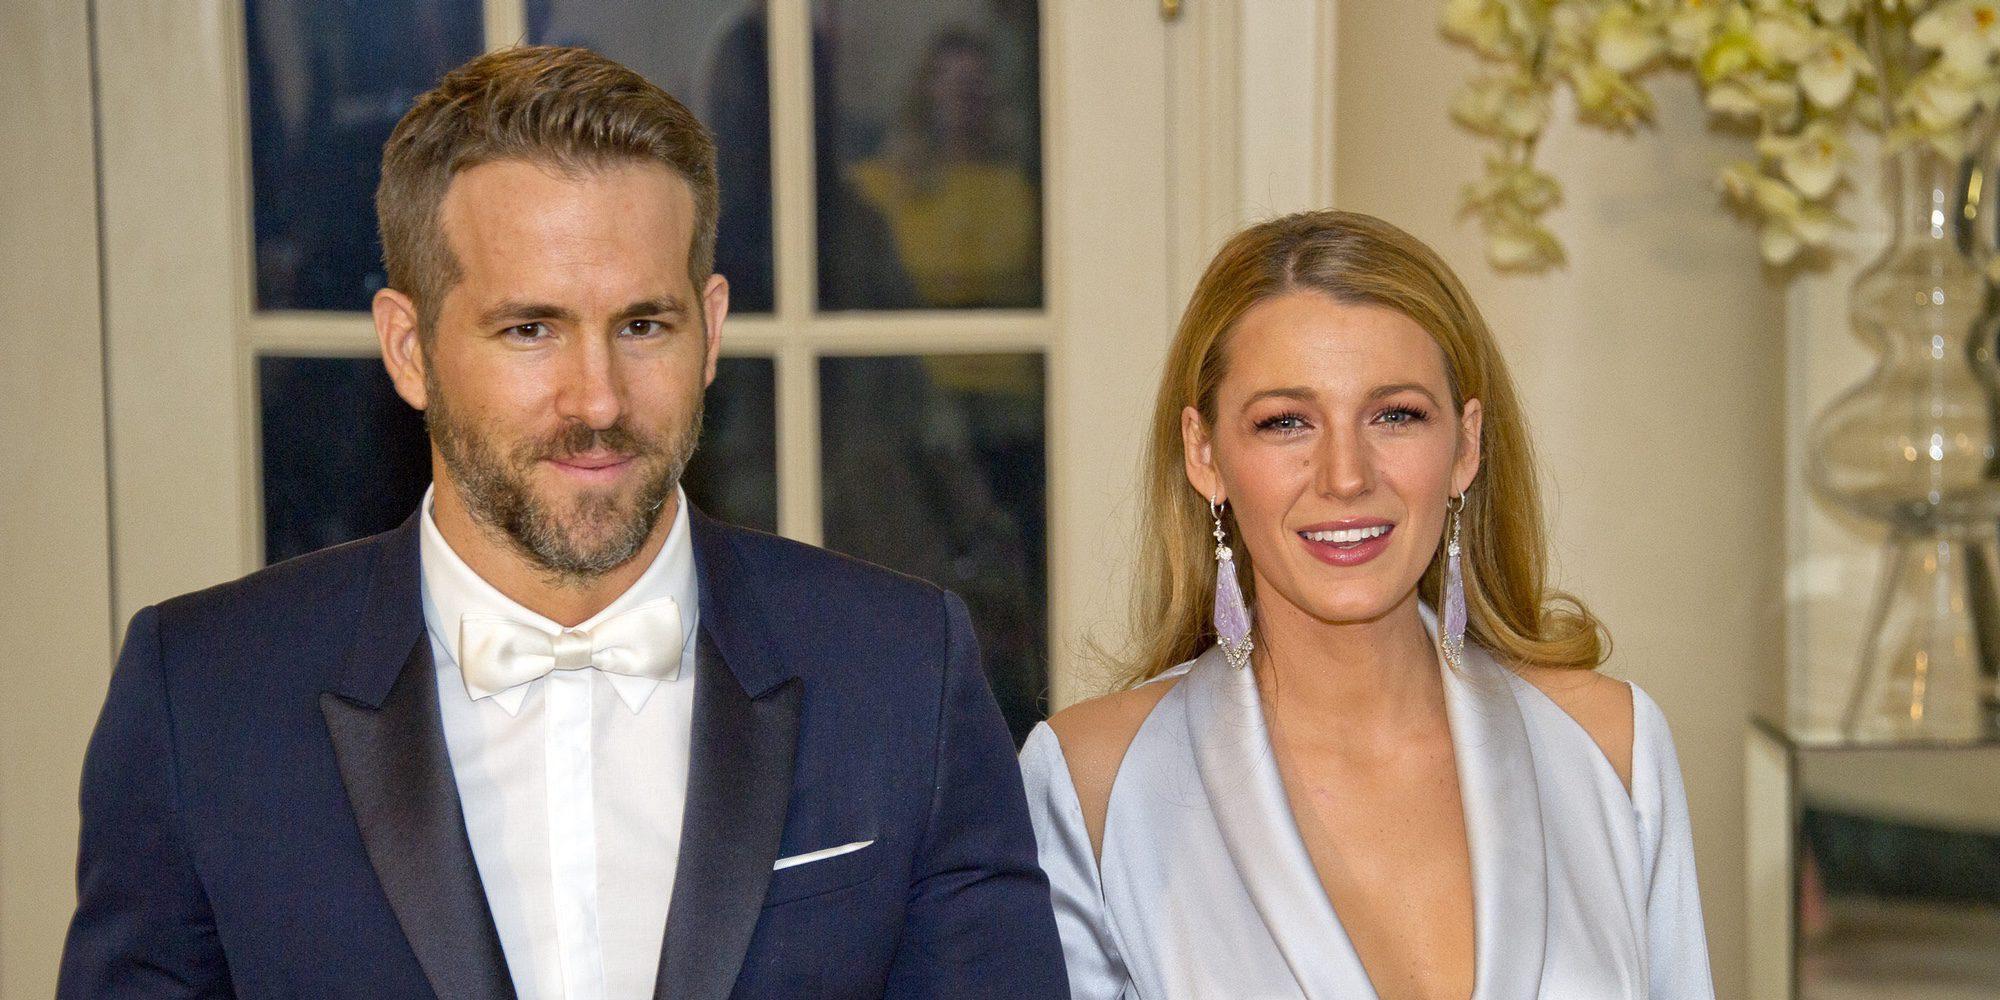 Ryan Reynolds 'confirma' que su segundo bebé con Blake Lively es una niña